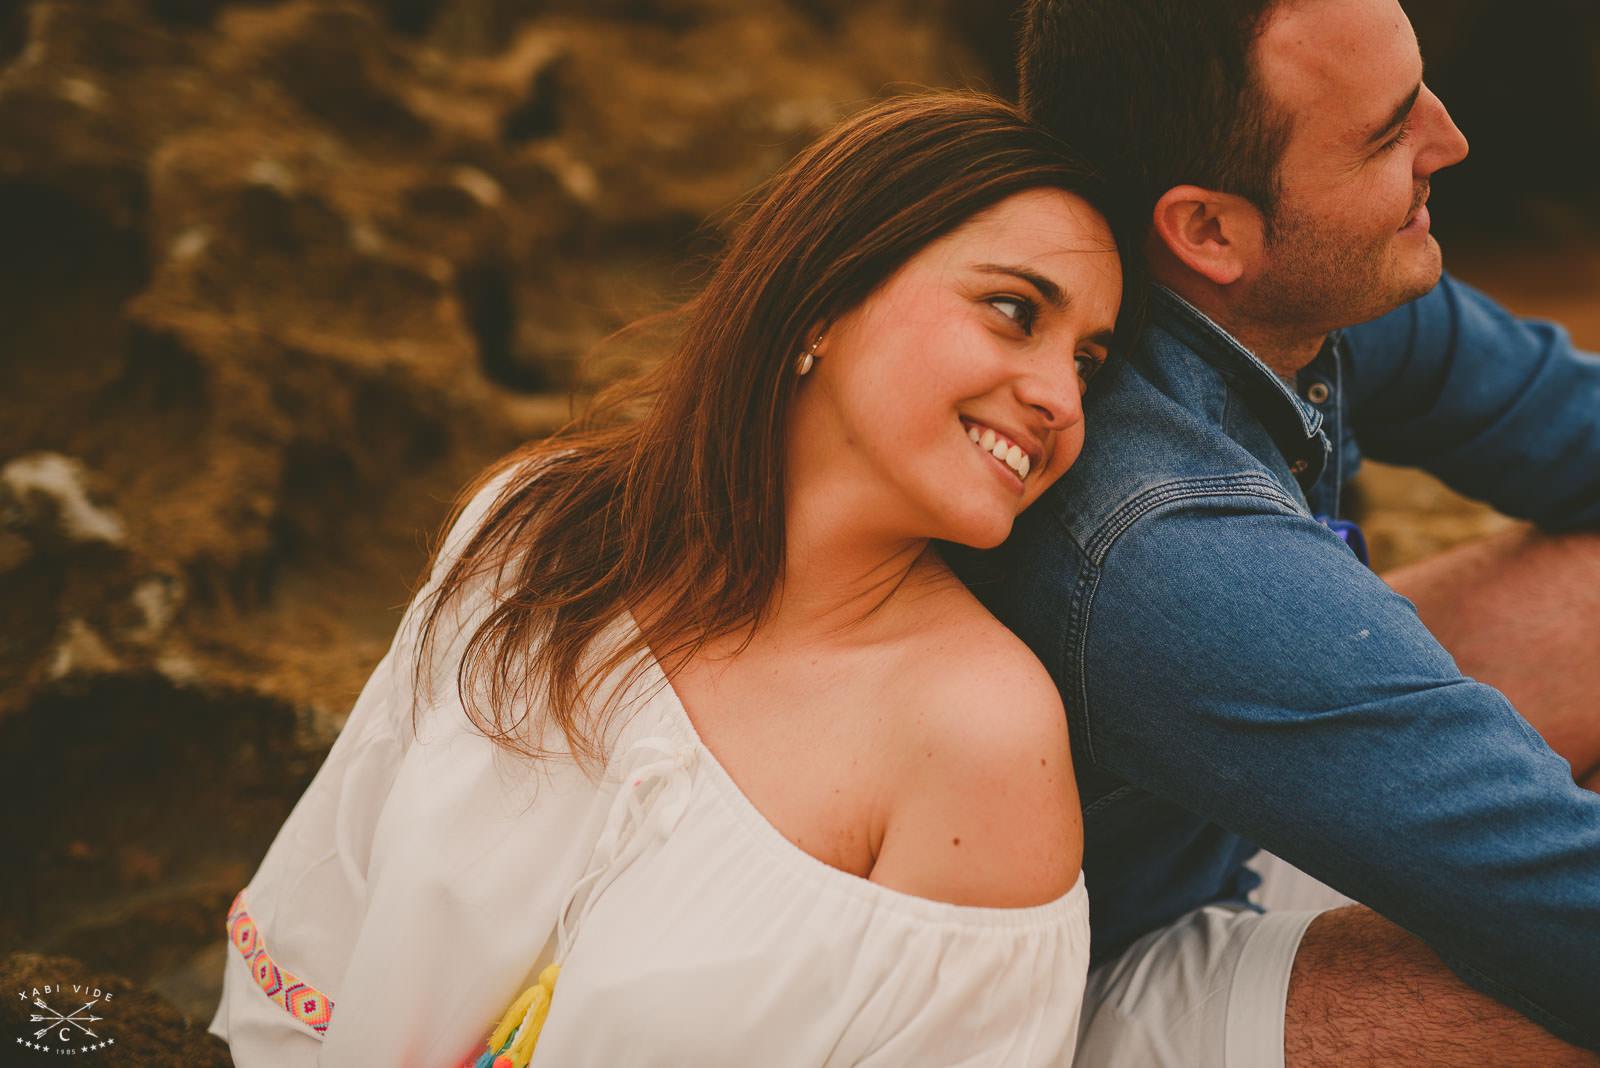 fotografo+de+bodas+en+cantabria-28